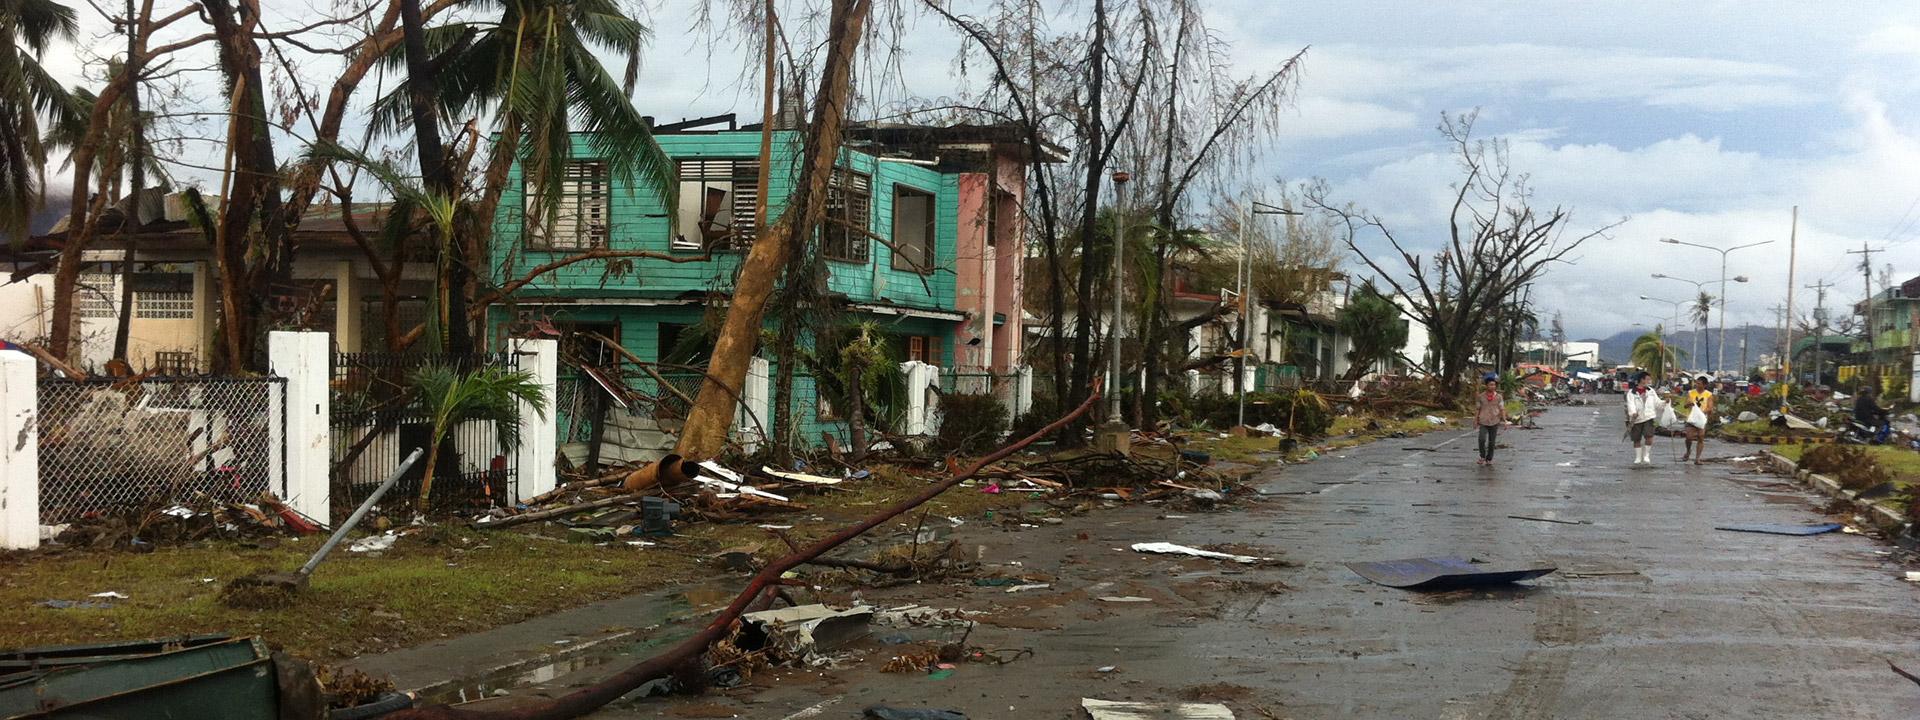 Foto: Eine Straße auf den Philippinen mit zerstörten Häusern.